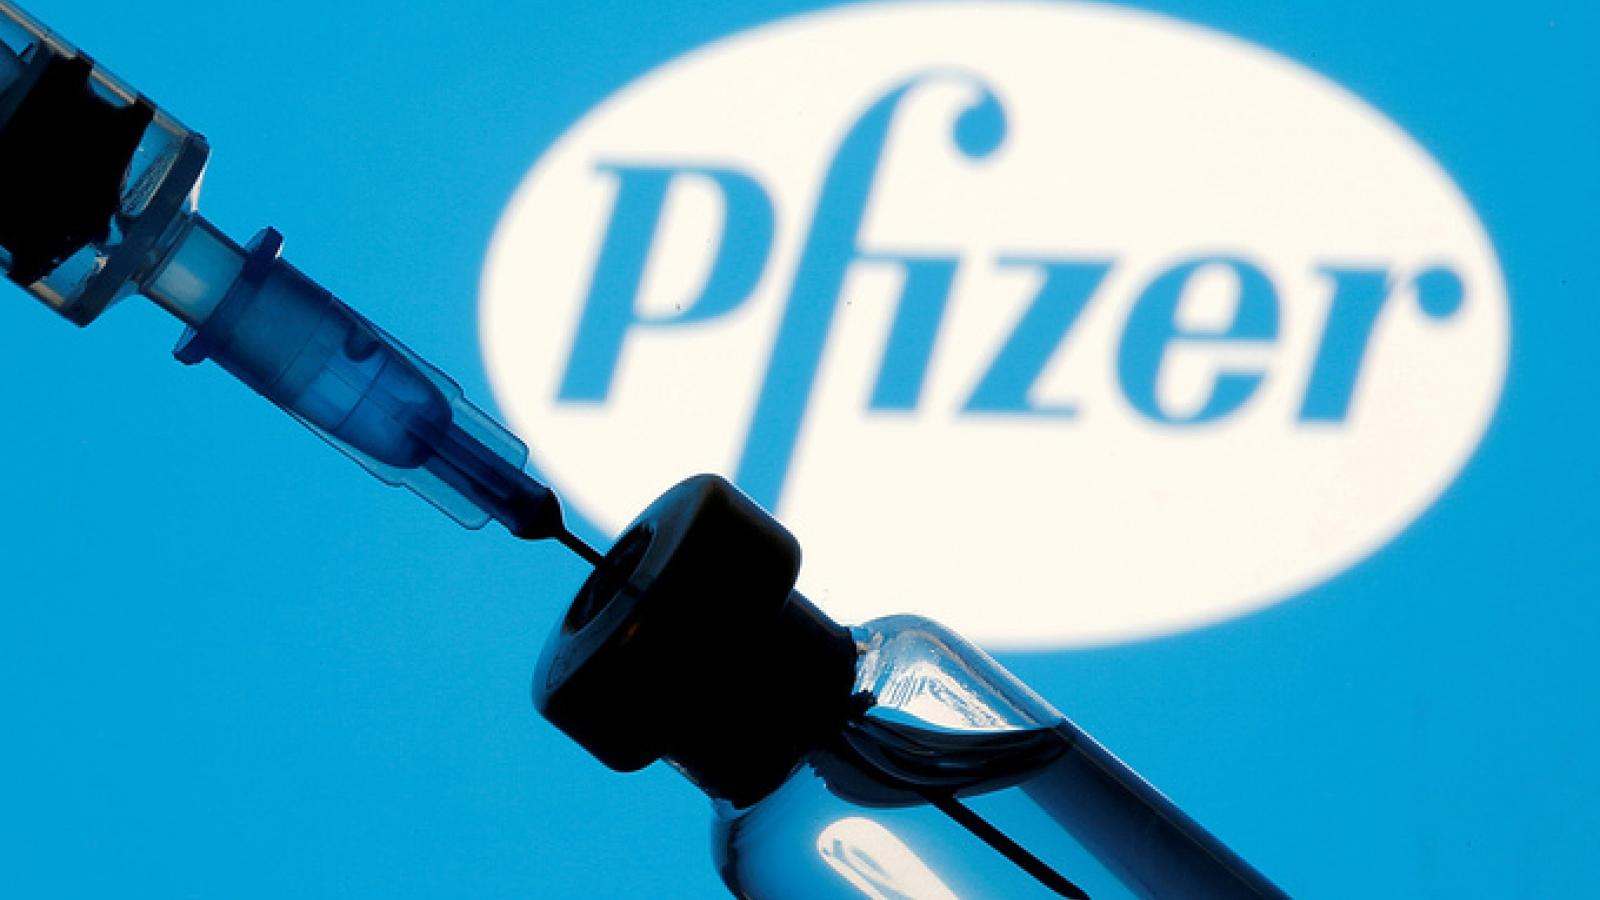 Pfizer có kế hoạch sản xuất 6 tỷ liều vaccine ngừa Covid-19 trong 18 tháng tới